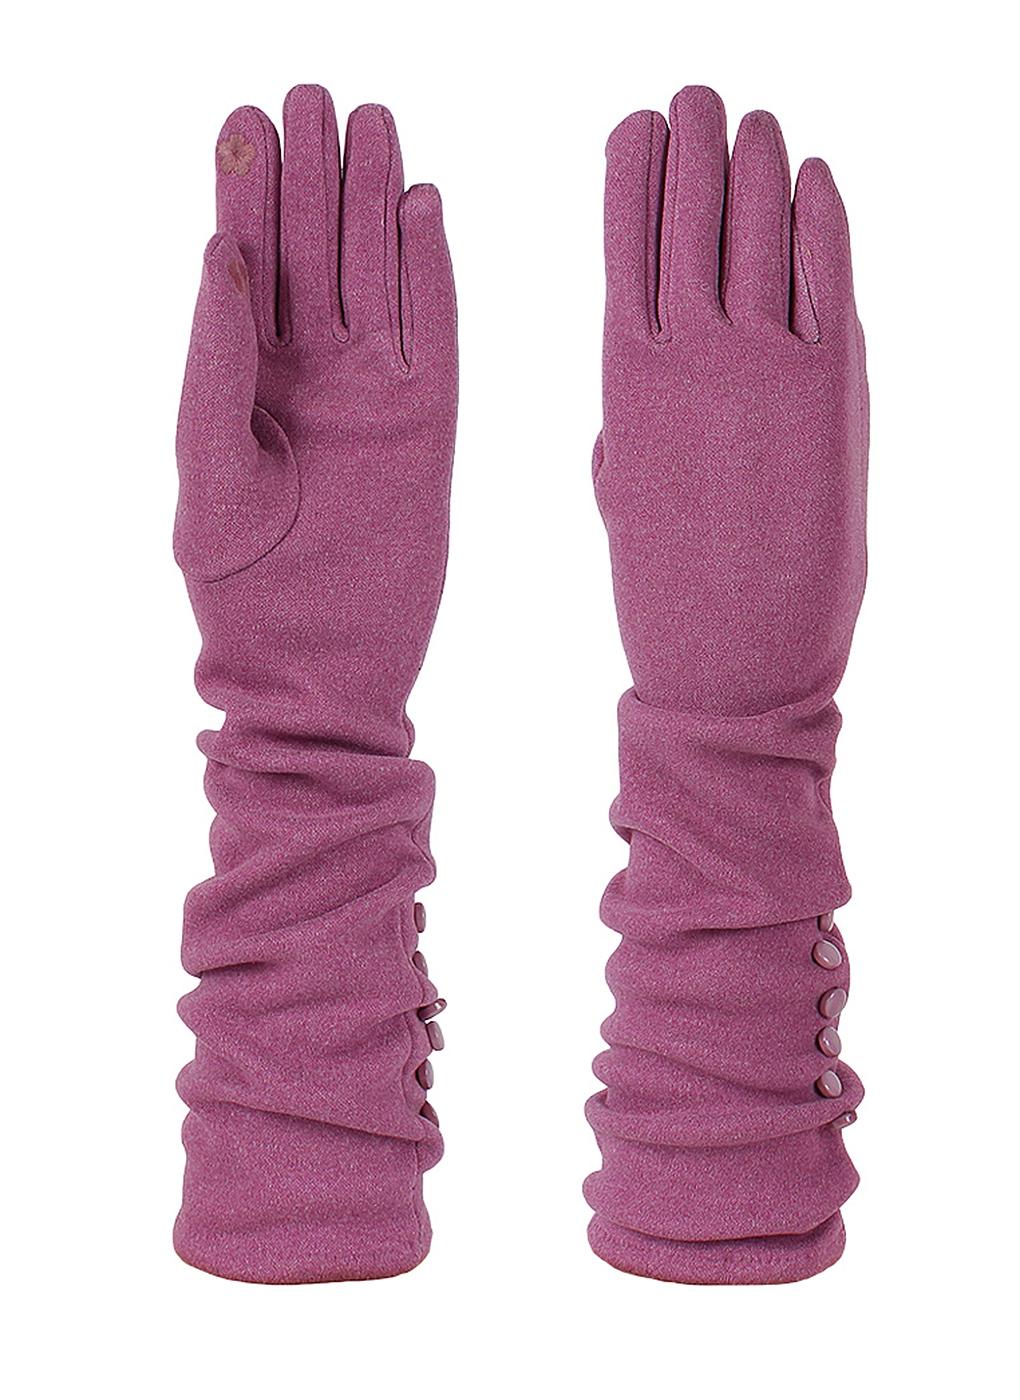 Перчатки женские из трикотажа 63, Lorentino фото